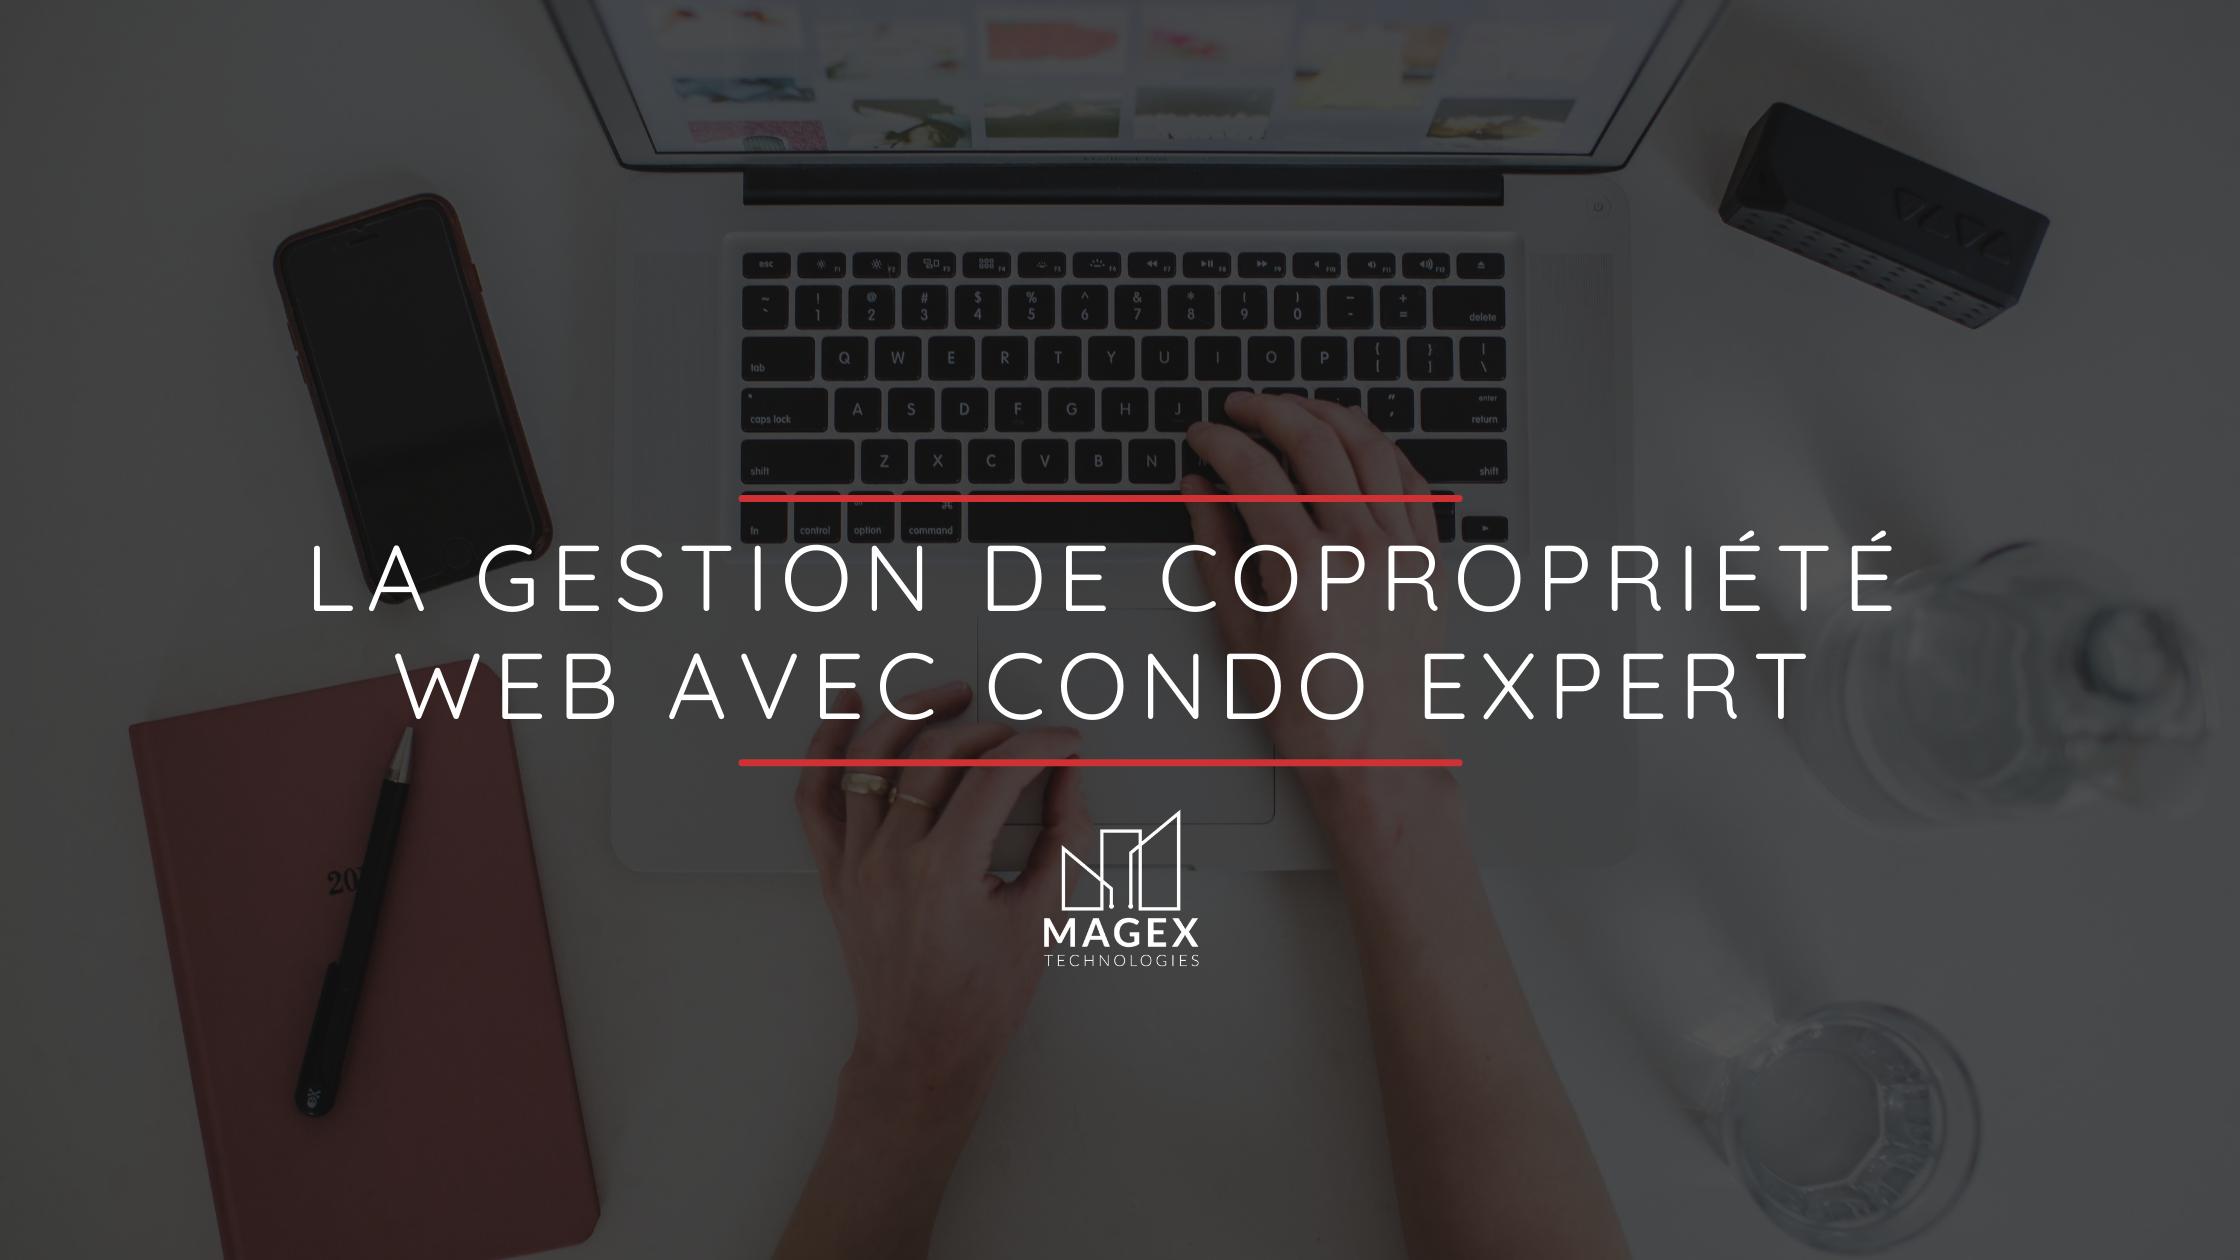 La gestion de copropriété web avec Condo Expert